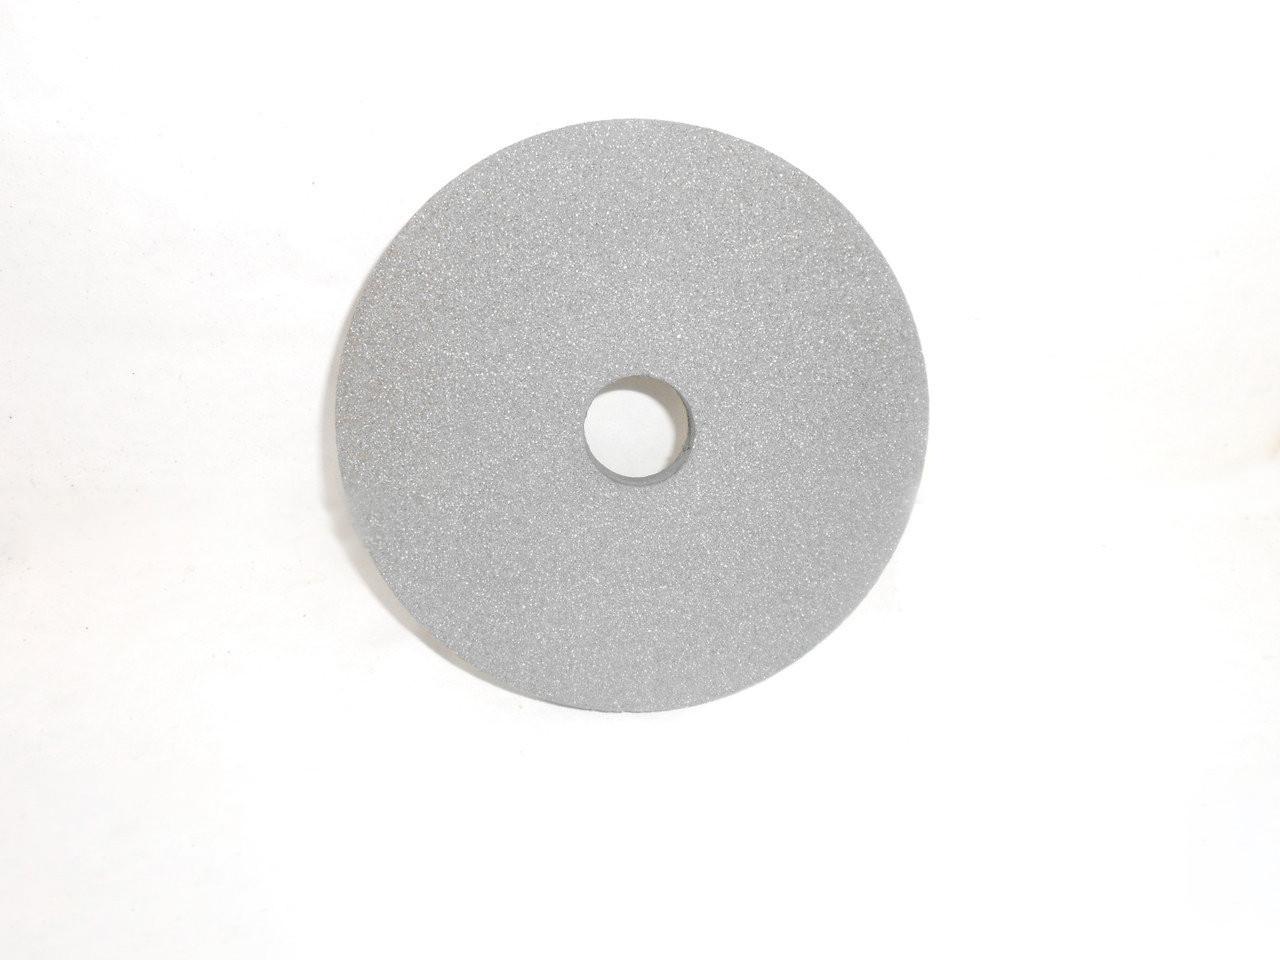 Круг шлифовальный 14А ПП 250х32х76  16-40 СМ-СТ